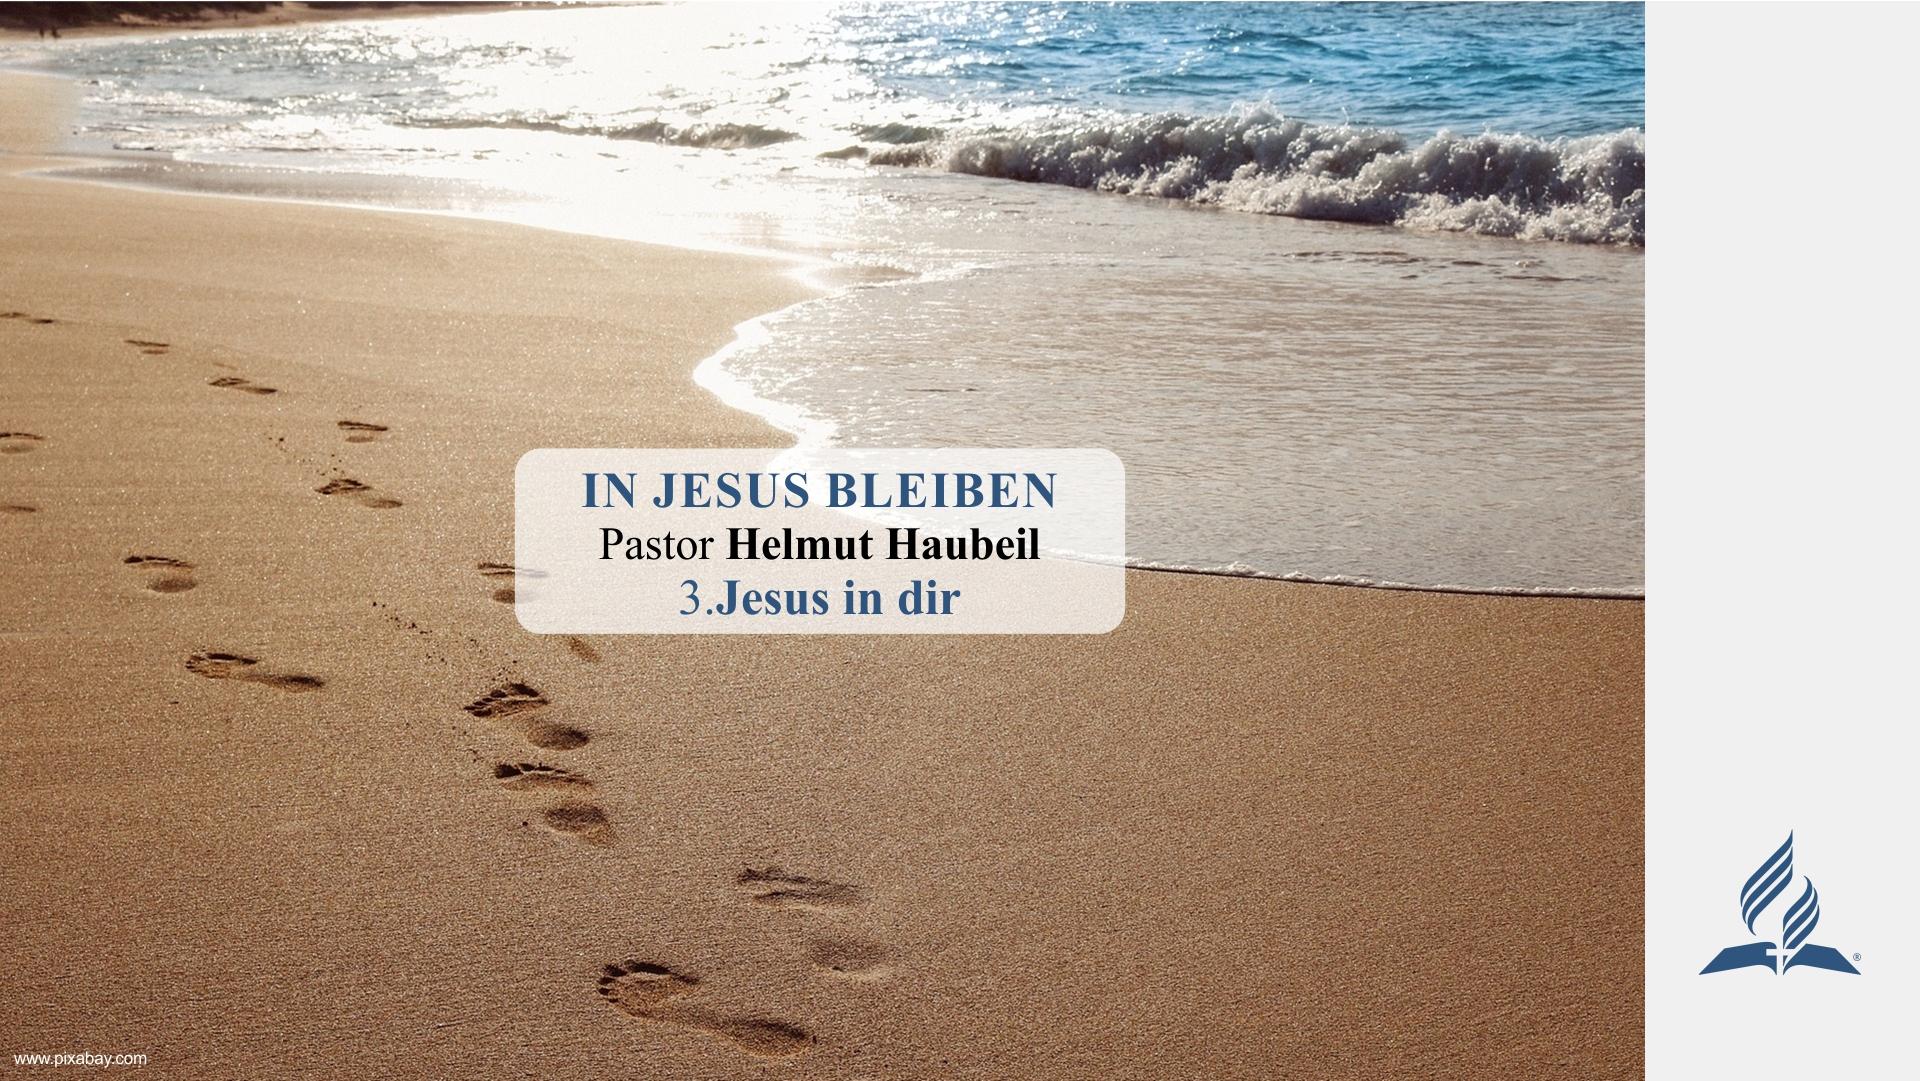 3.Jesus in dir – IN JESUS BLEIBEN | Pastor Helmut Haubeil